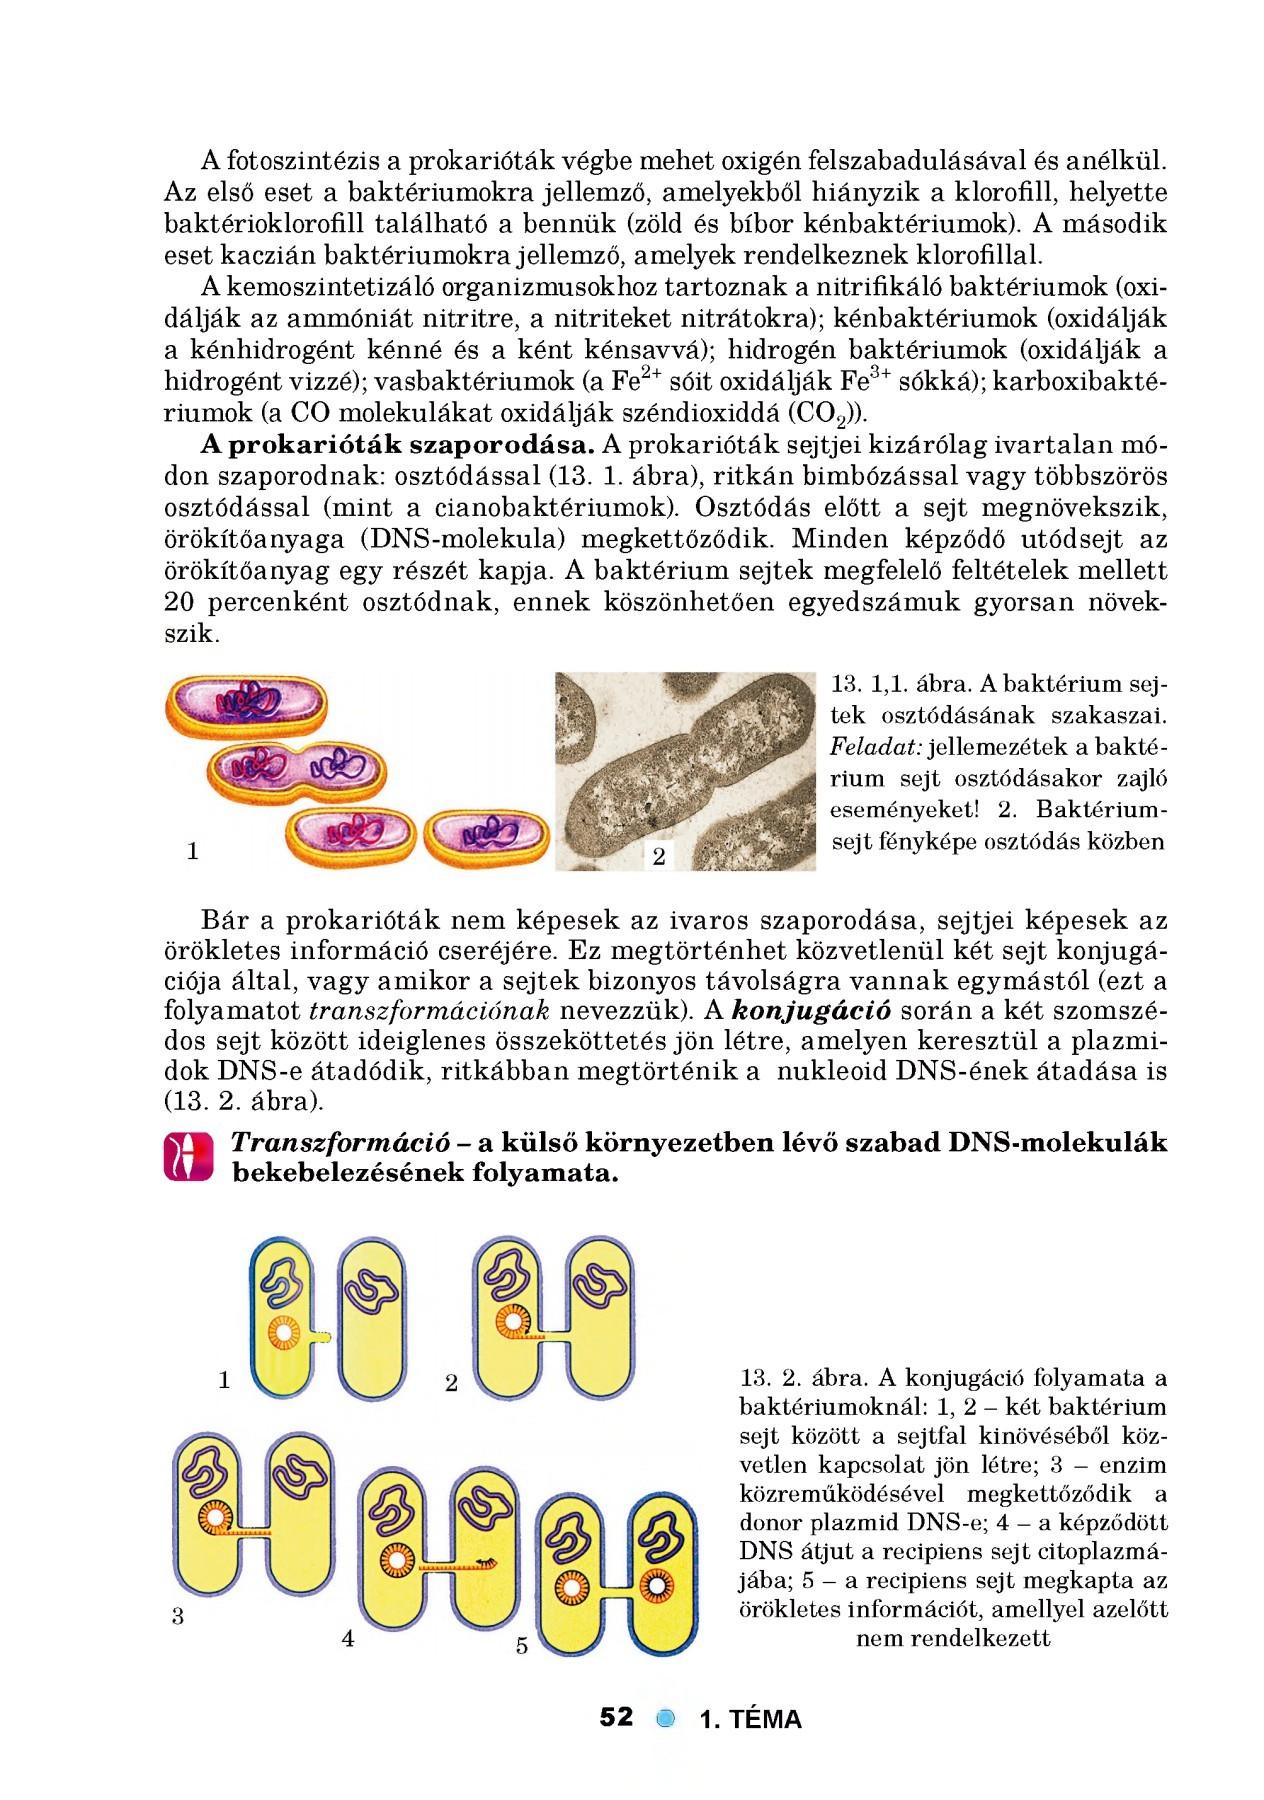 Az emésztőrendszerben élő parazitákból származó források